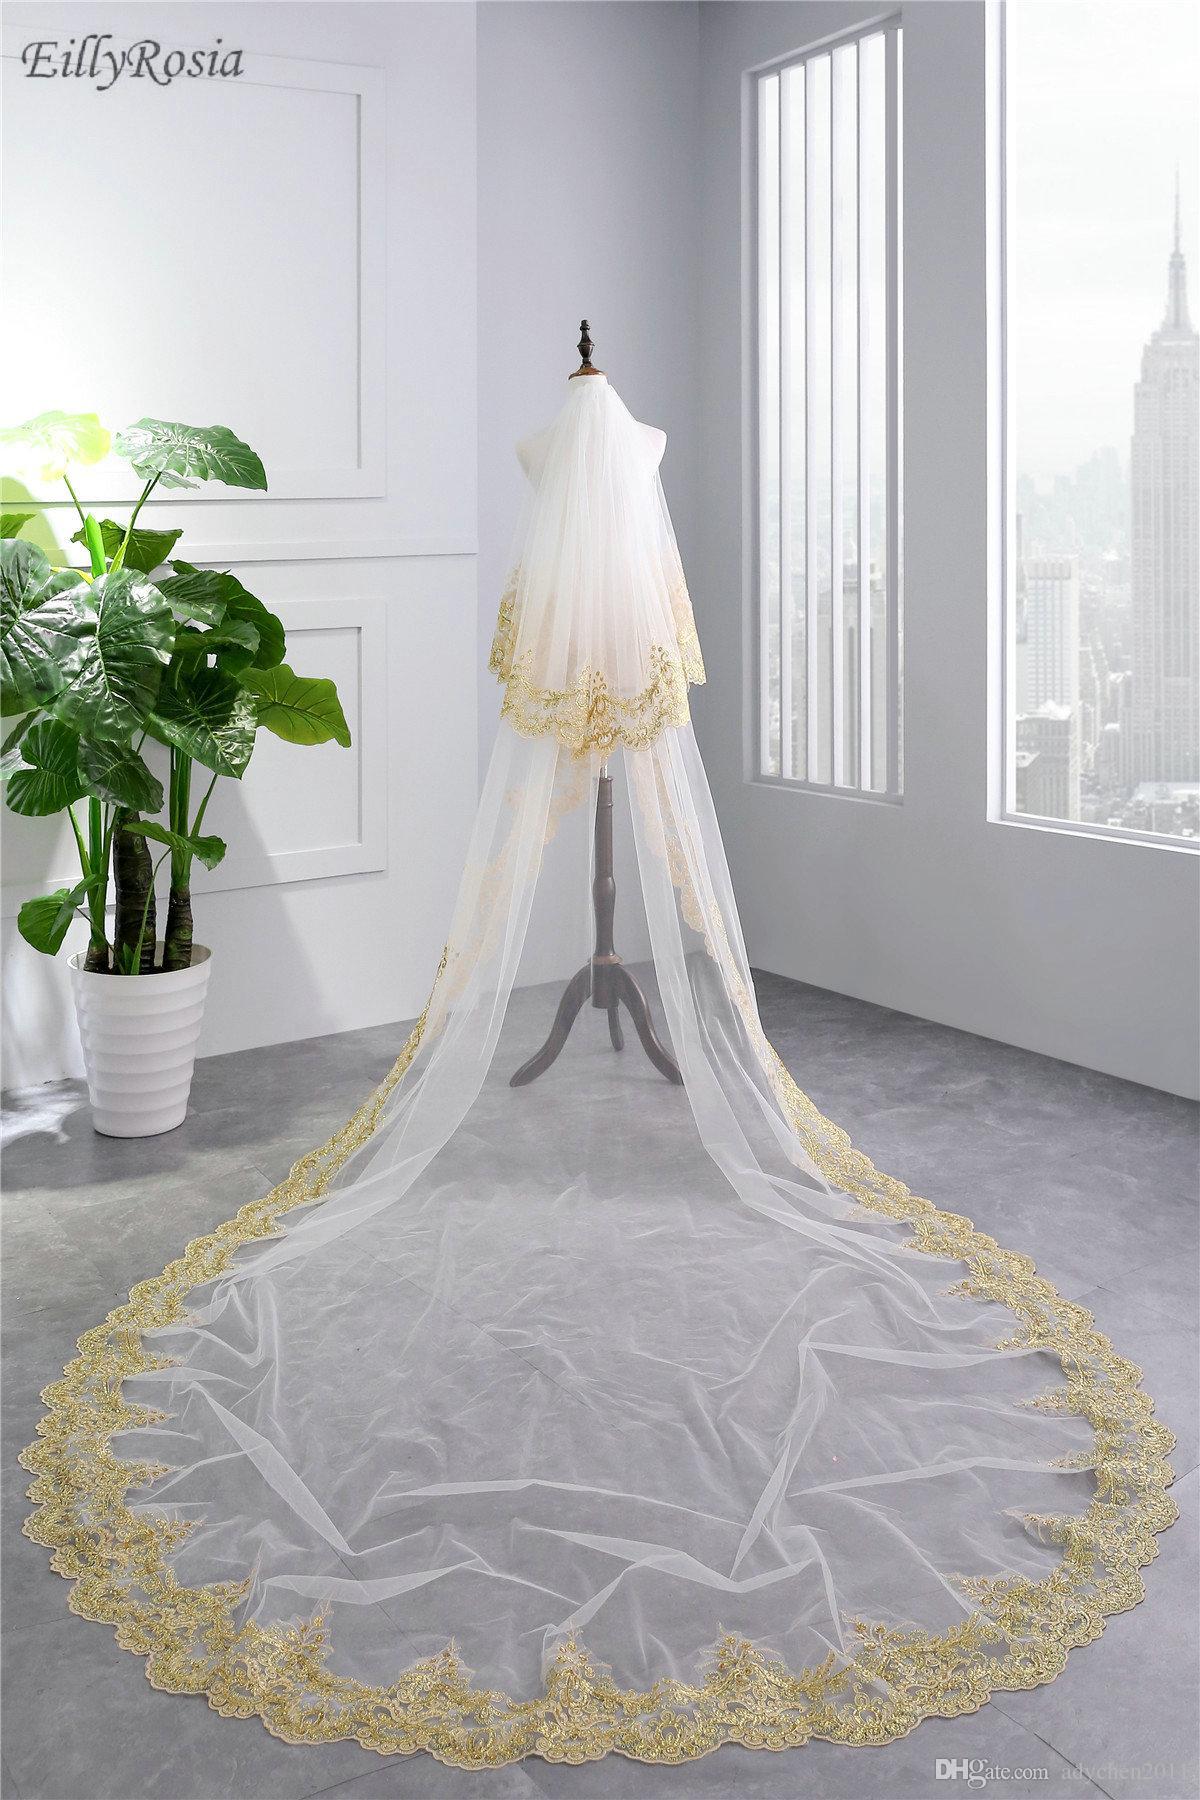 3.5M Lange Brautschleier für Braut Zwei Schicht Gold Spitze Applikationen Elegante Weiße Brautschleier mit Kamm Tüll Voile mariage